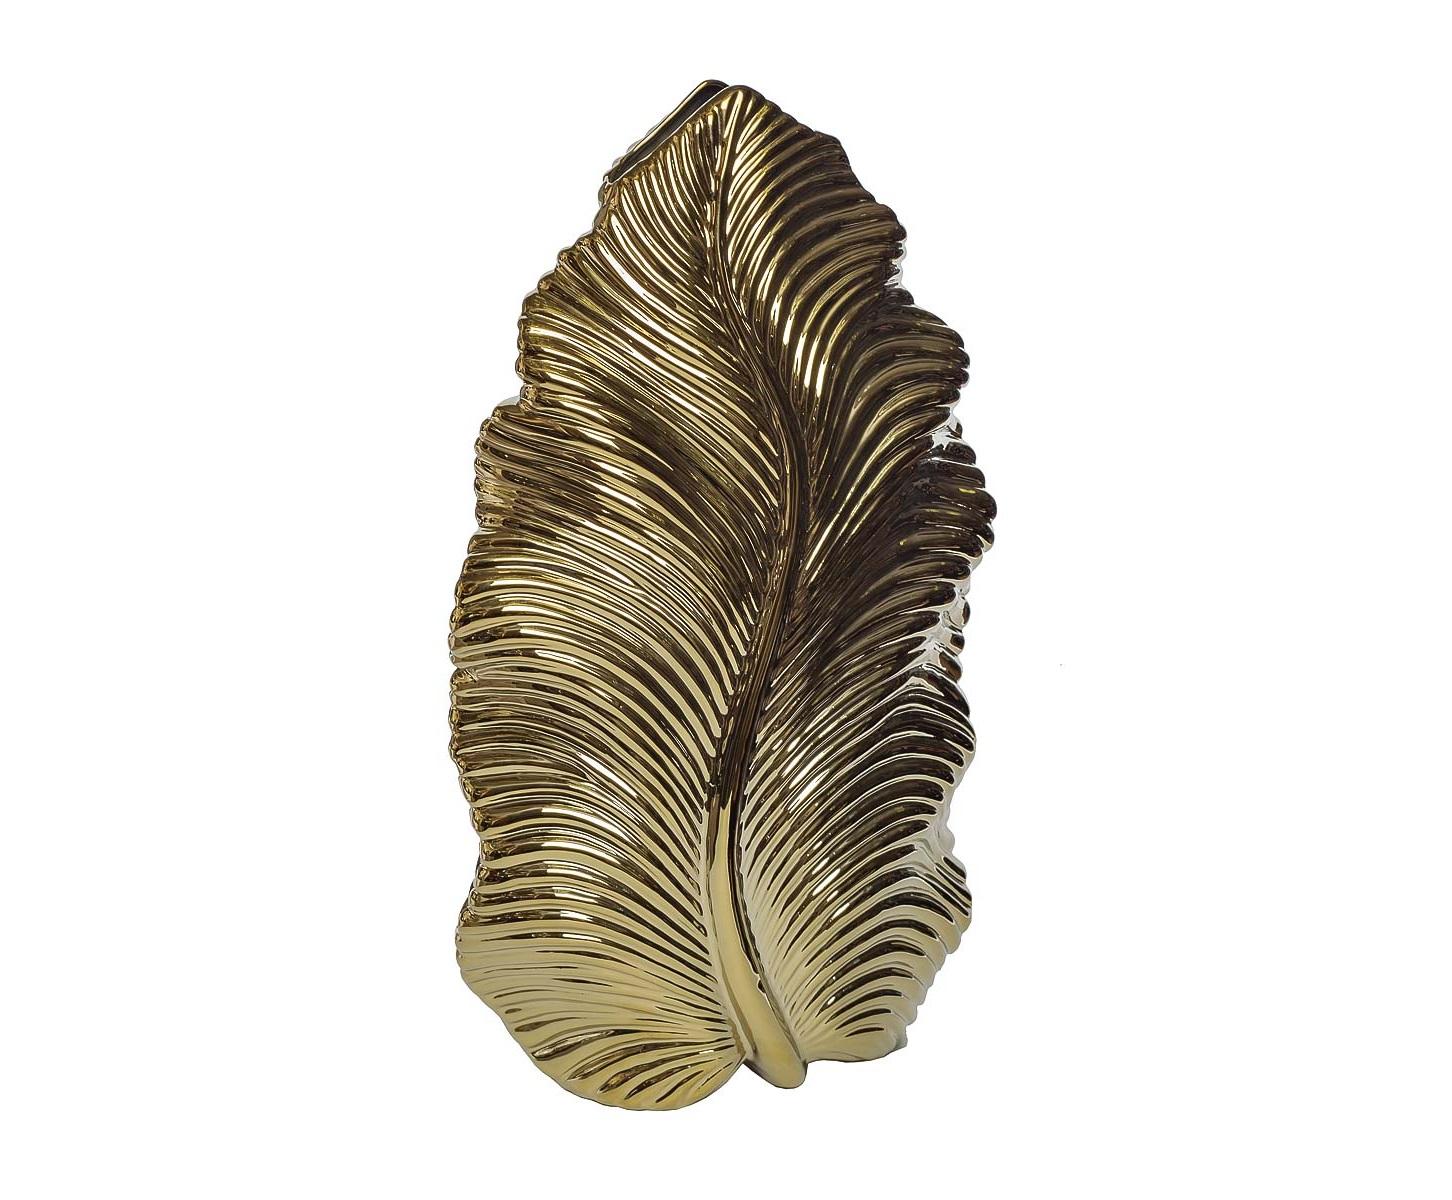 ВазаВазы<br><br><br>Material: Керамика<br>Width см: 25<br>Depth см: 12<br>Height см: 44,5